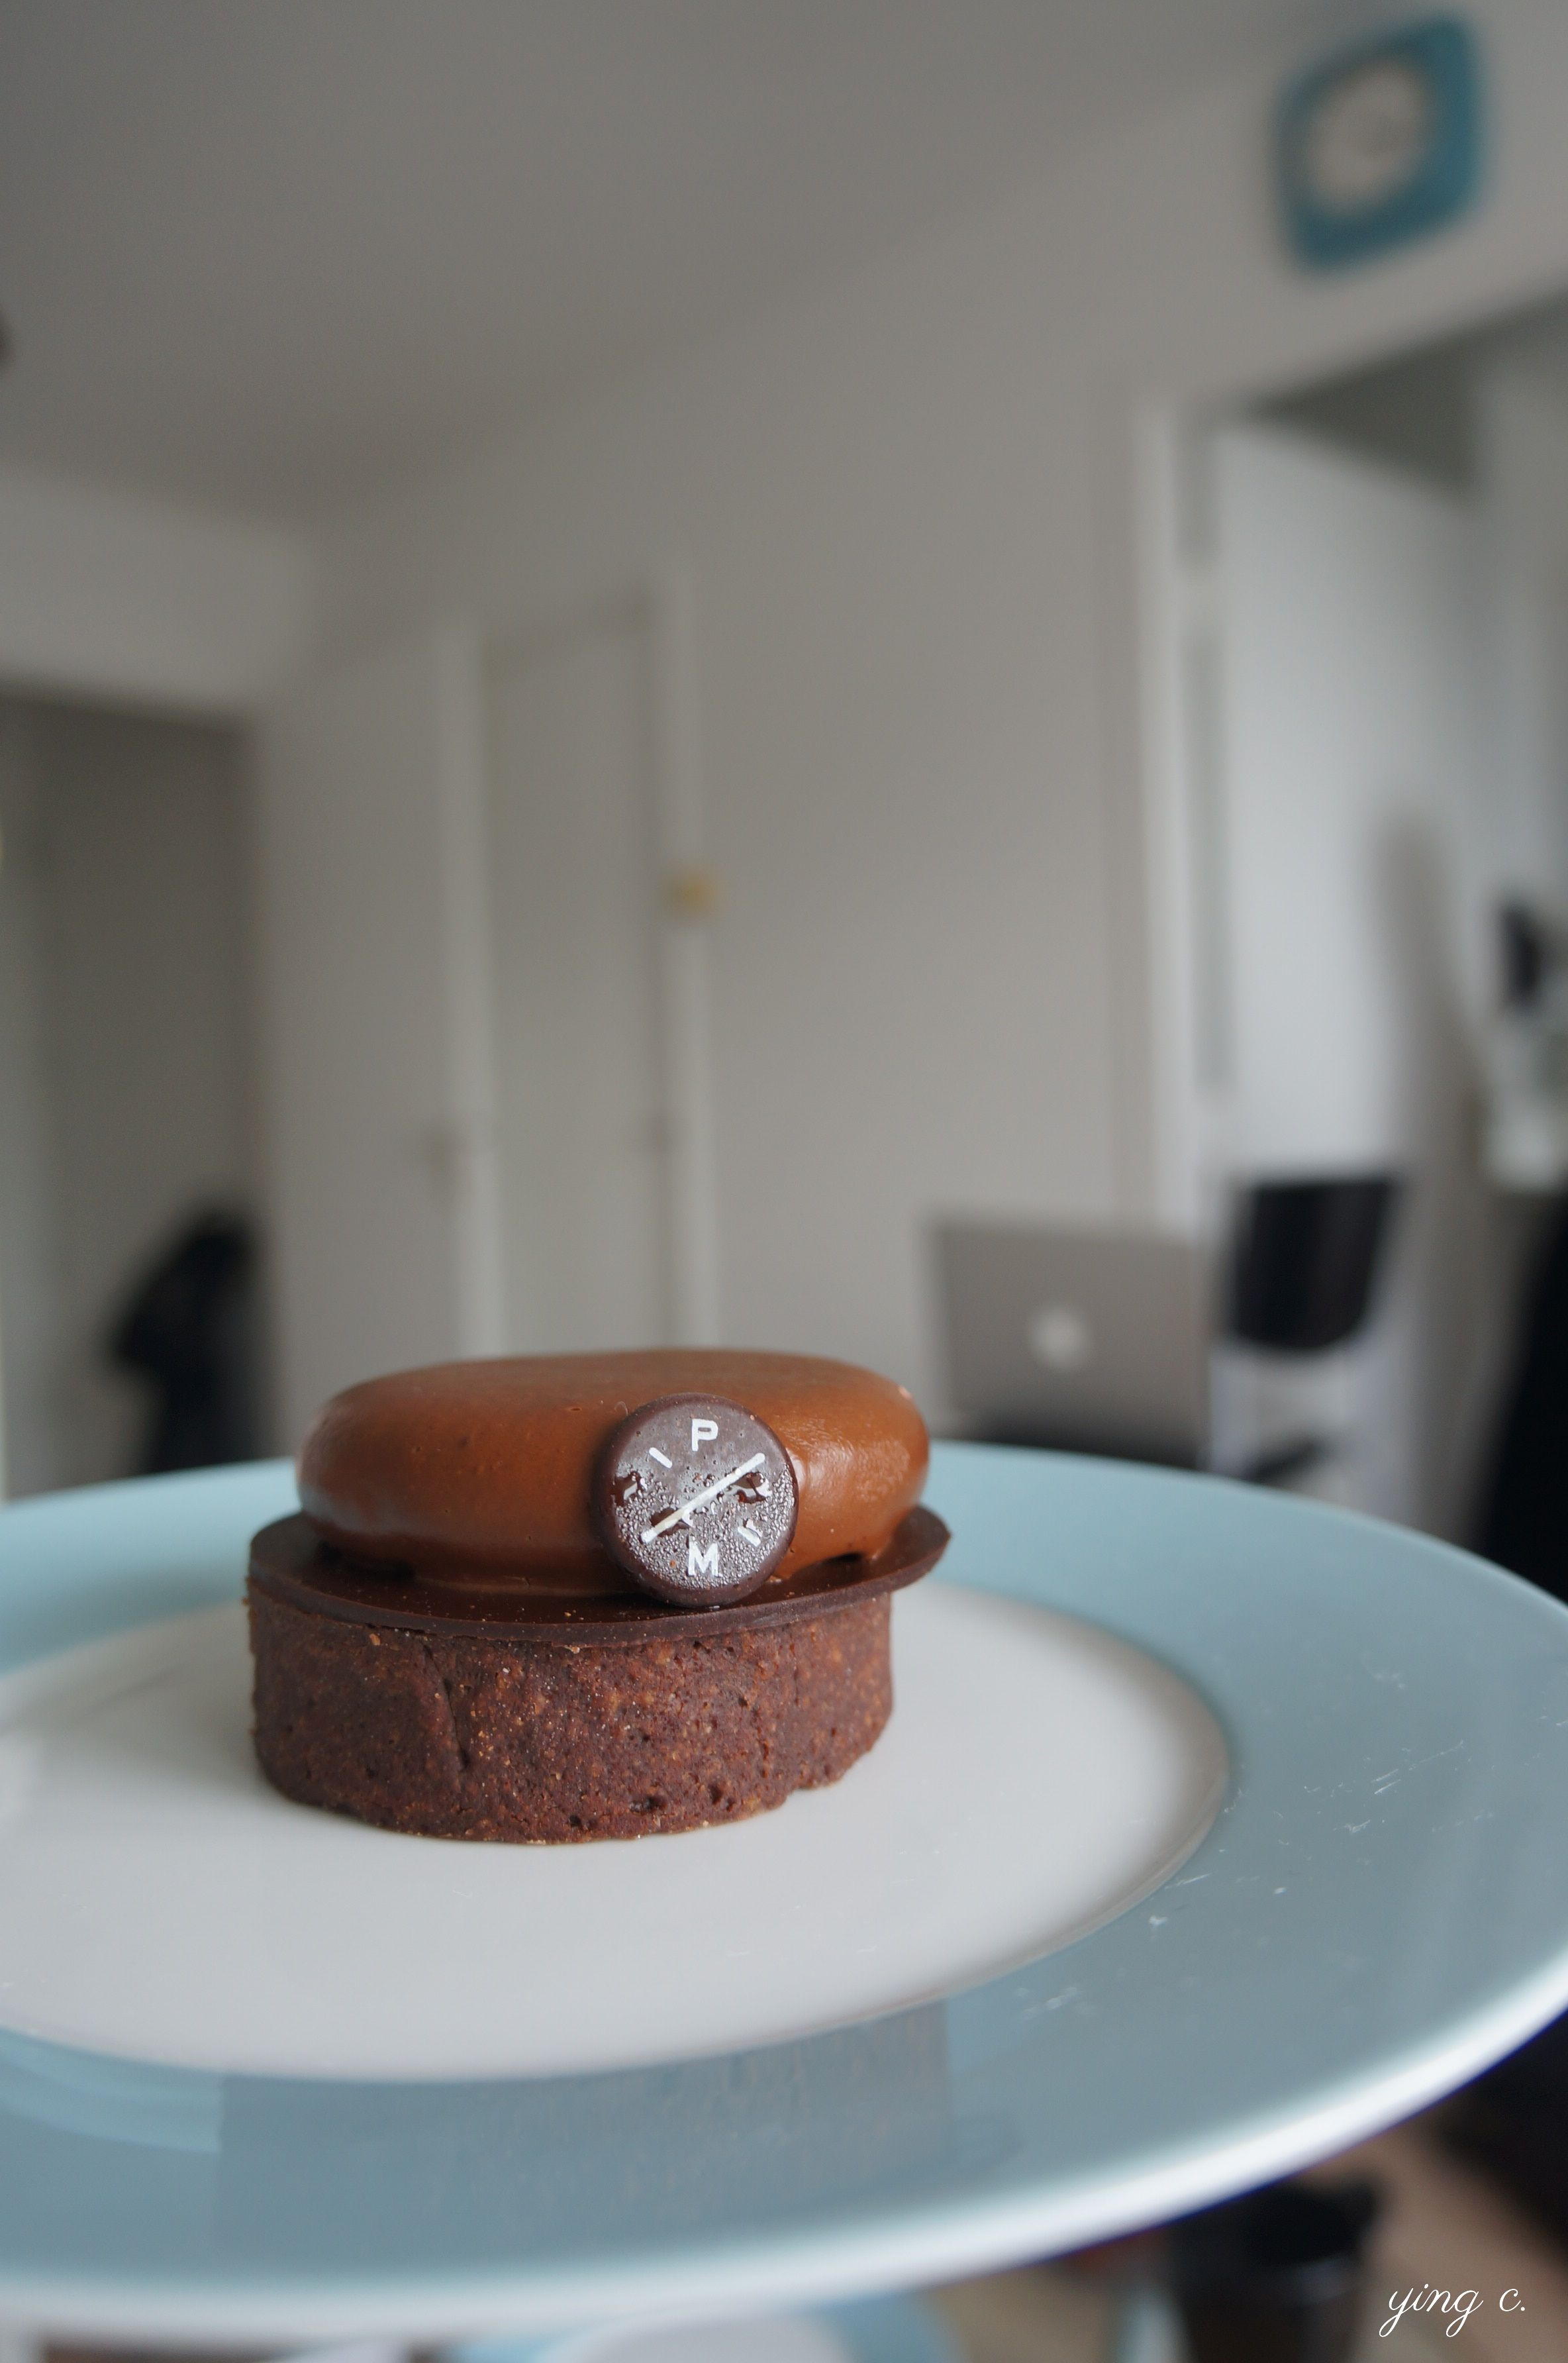 Pierre Marocolini的巧克力塔,口感異常絲滑綿密,令人印象相當深刻。由於運送過程中搖晃,上層的慕斯蛋糕有些移位。